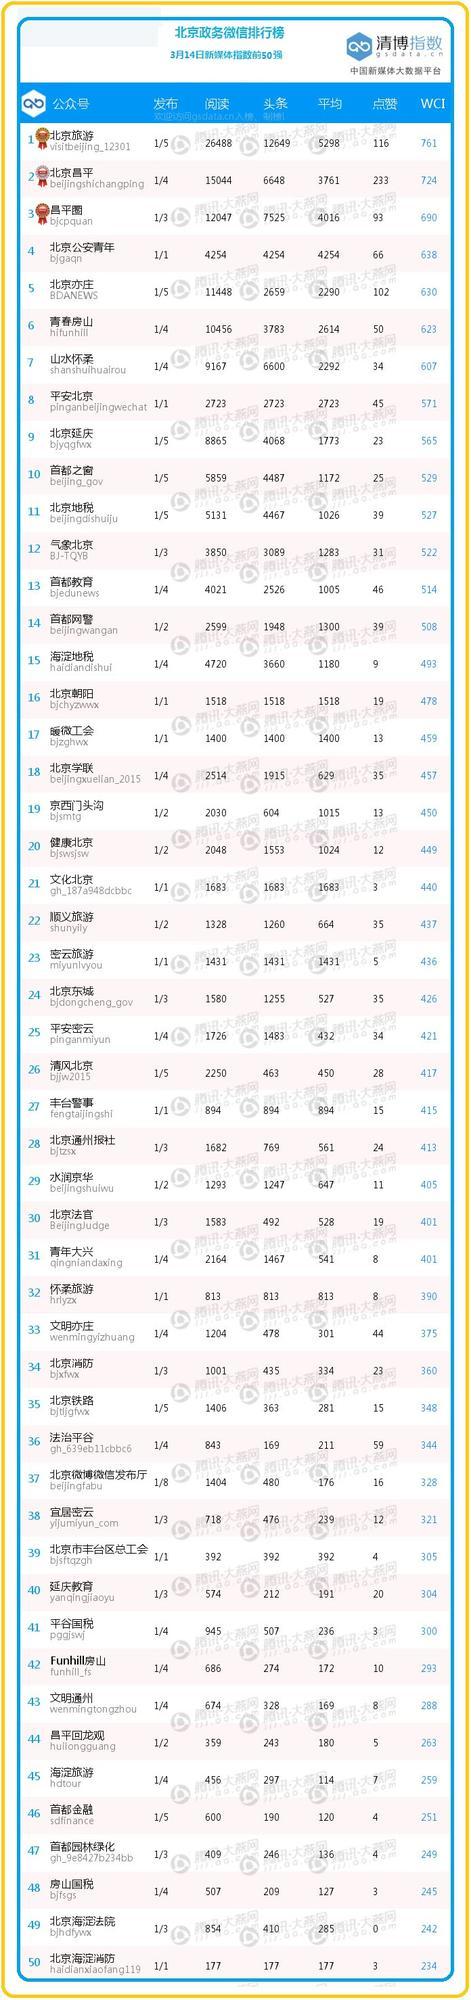 """【日排榜】新一周前50名大变样 农业嘉年华大热""""北京昌平""""、""""昌平圈""""进入前三"""